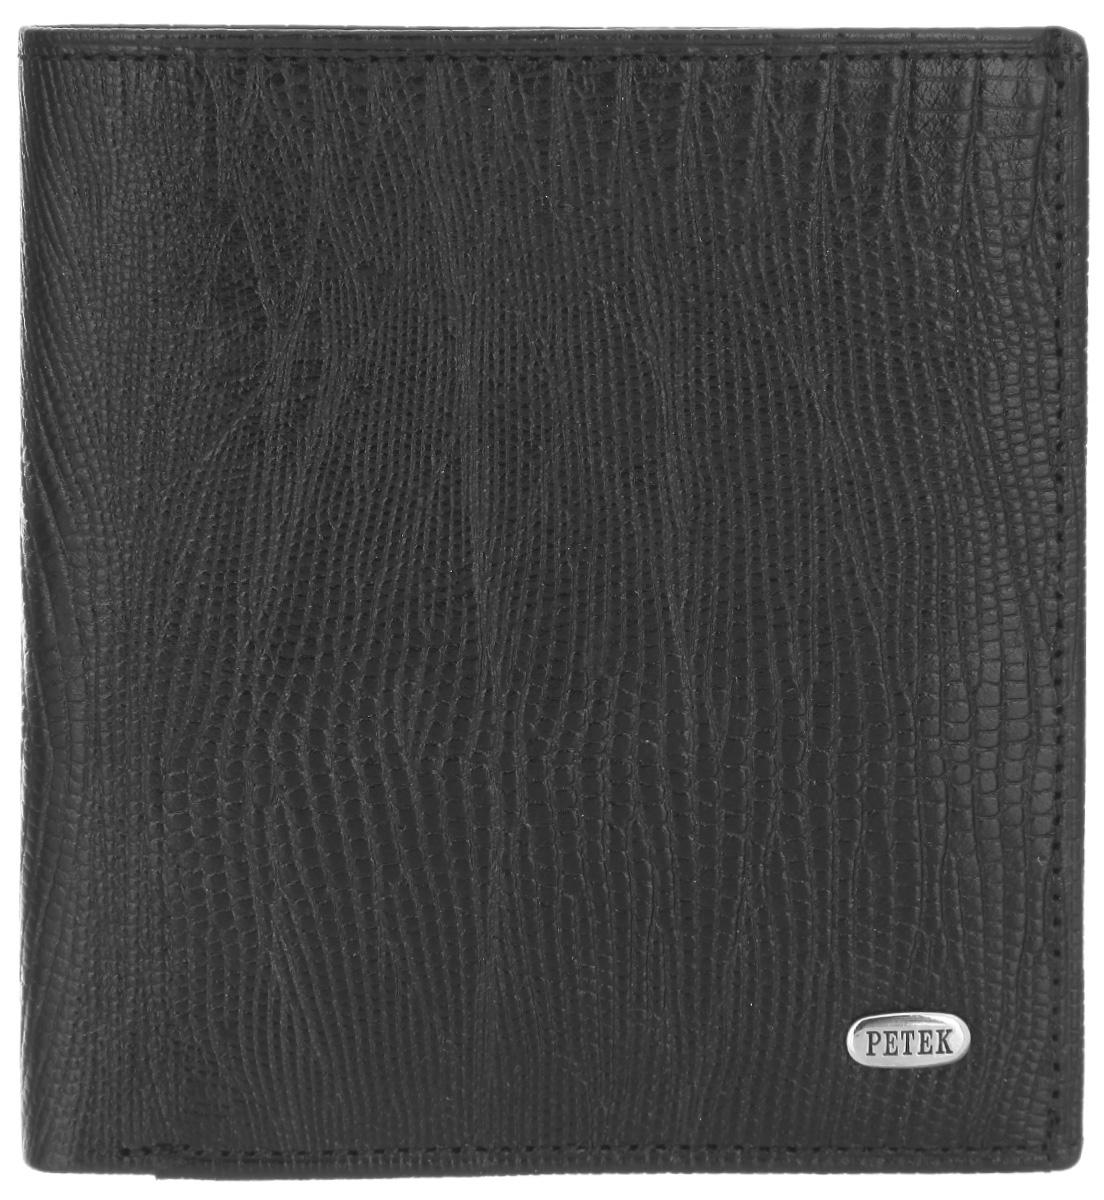 Портмоне мужское Petek 1855, цвет: черный. 212.041.01212.041.01 BlackСтильное мужское портмоне Petek 1855 выполнено из натуральной кожи с тиснением под рептилию. Лицевая сторона оформлена металлической пластиной с гравировкой в виде названия бренда. Изделие раскладывается пополам. Портмоне содержит одно отделение для купюр, шесть кармашков для визиток и пластиковых карт, прорезной карман с сетчатым окошечком, сетчатый карман и два потайных кармана. Портмоне упаковано в фирменную коробку. Такое портмоне станет отличным подарком для человека, ценящего качественные и стильные вещи.